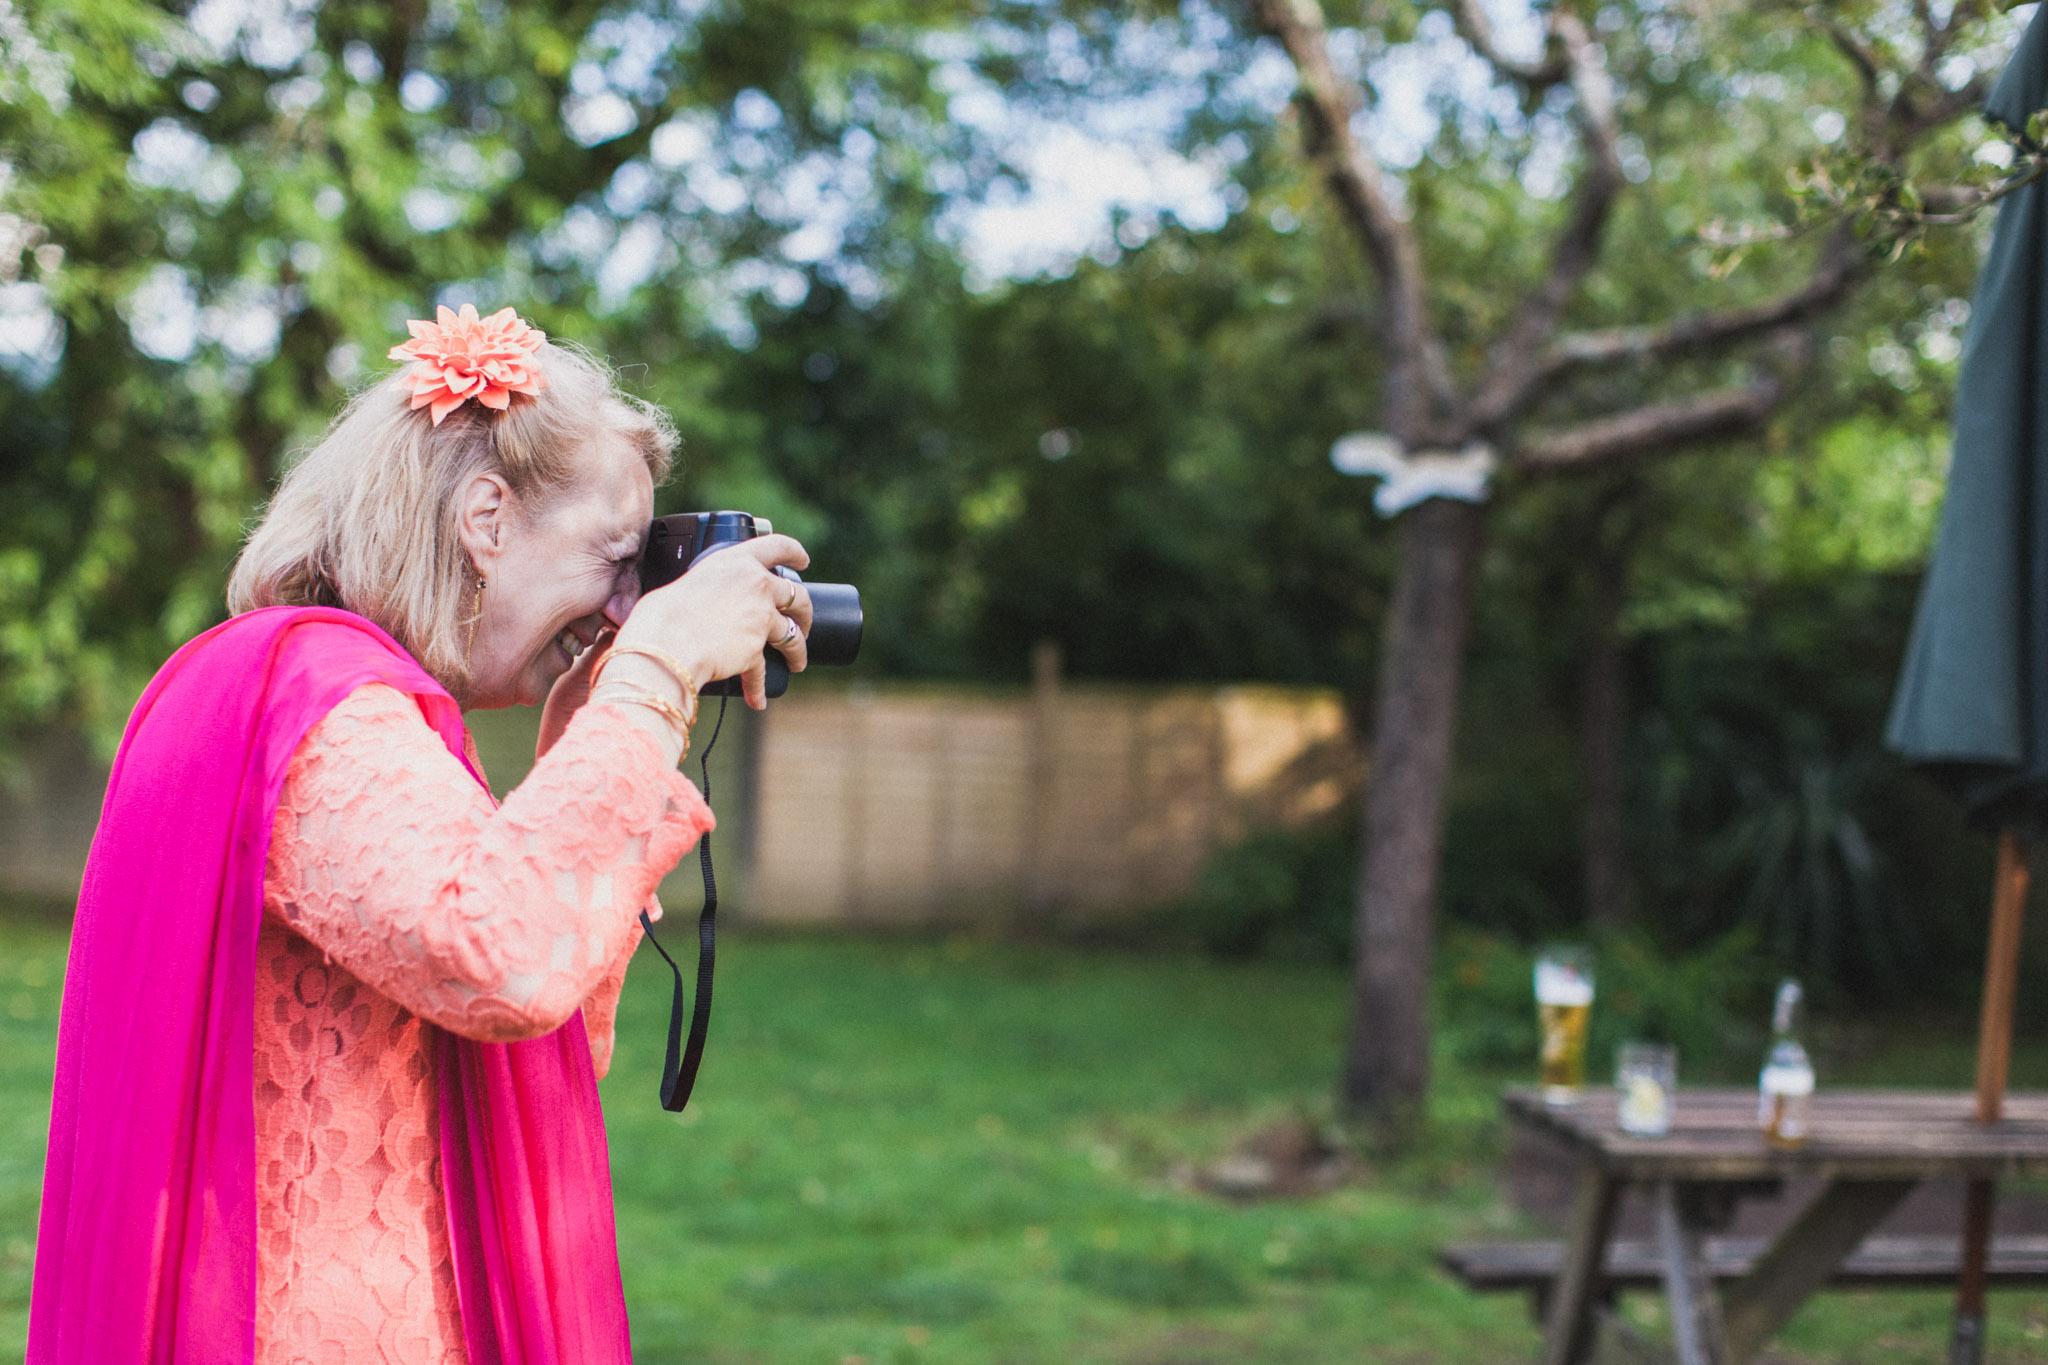 lewes_wedding_photographer_0075.jpg